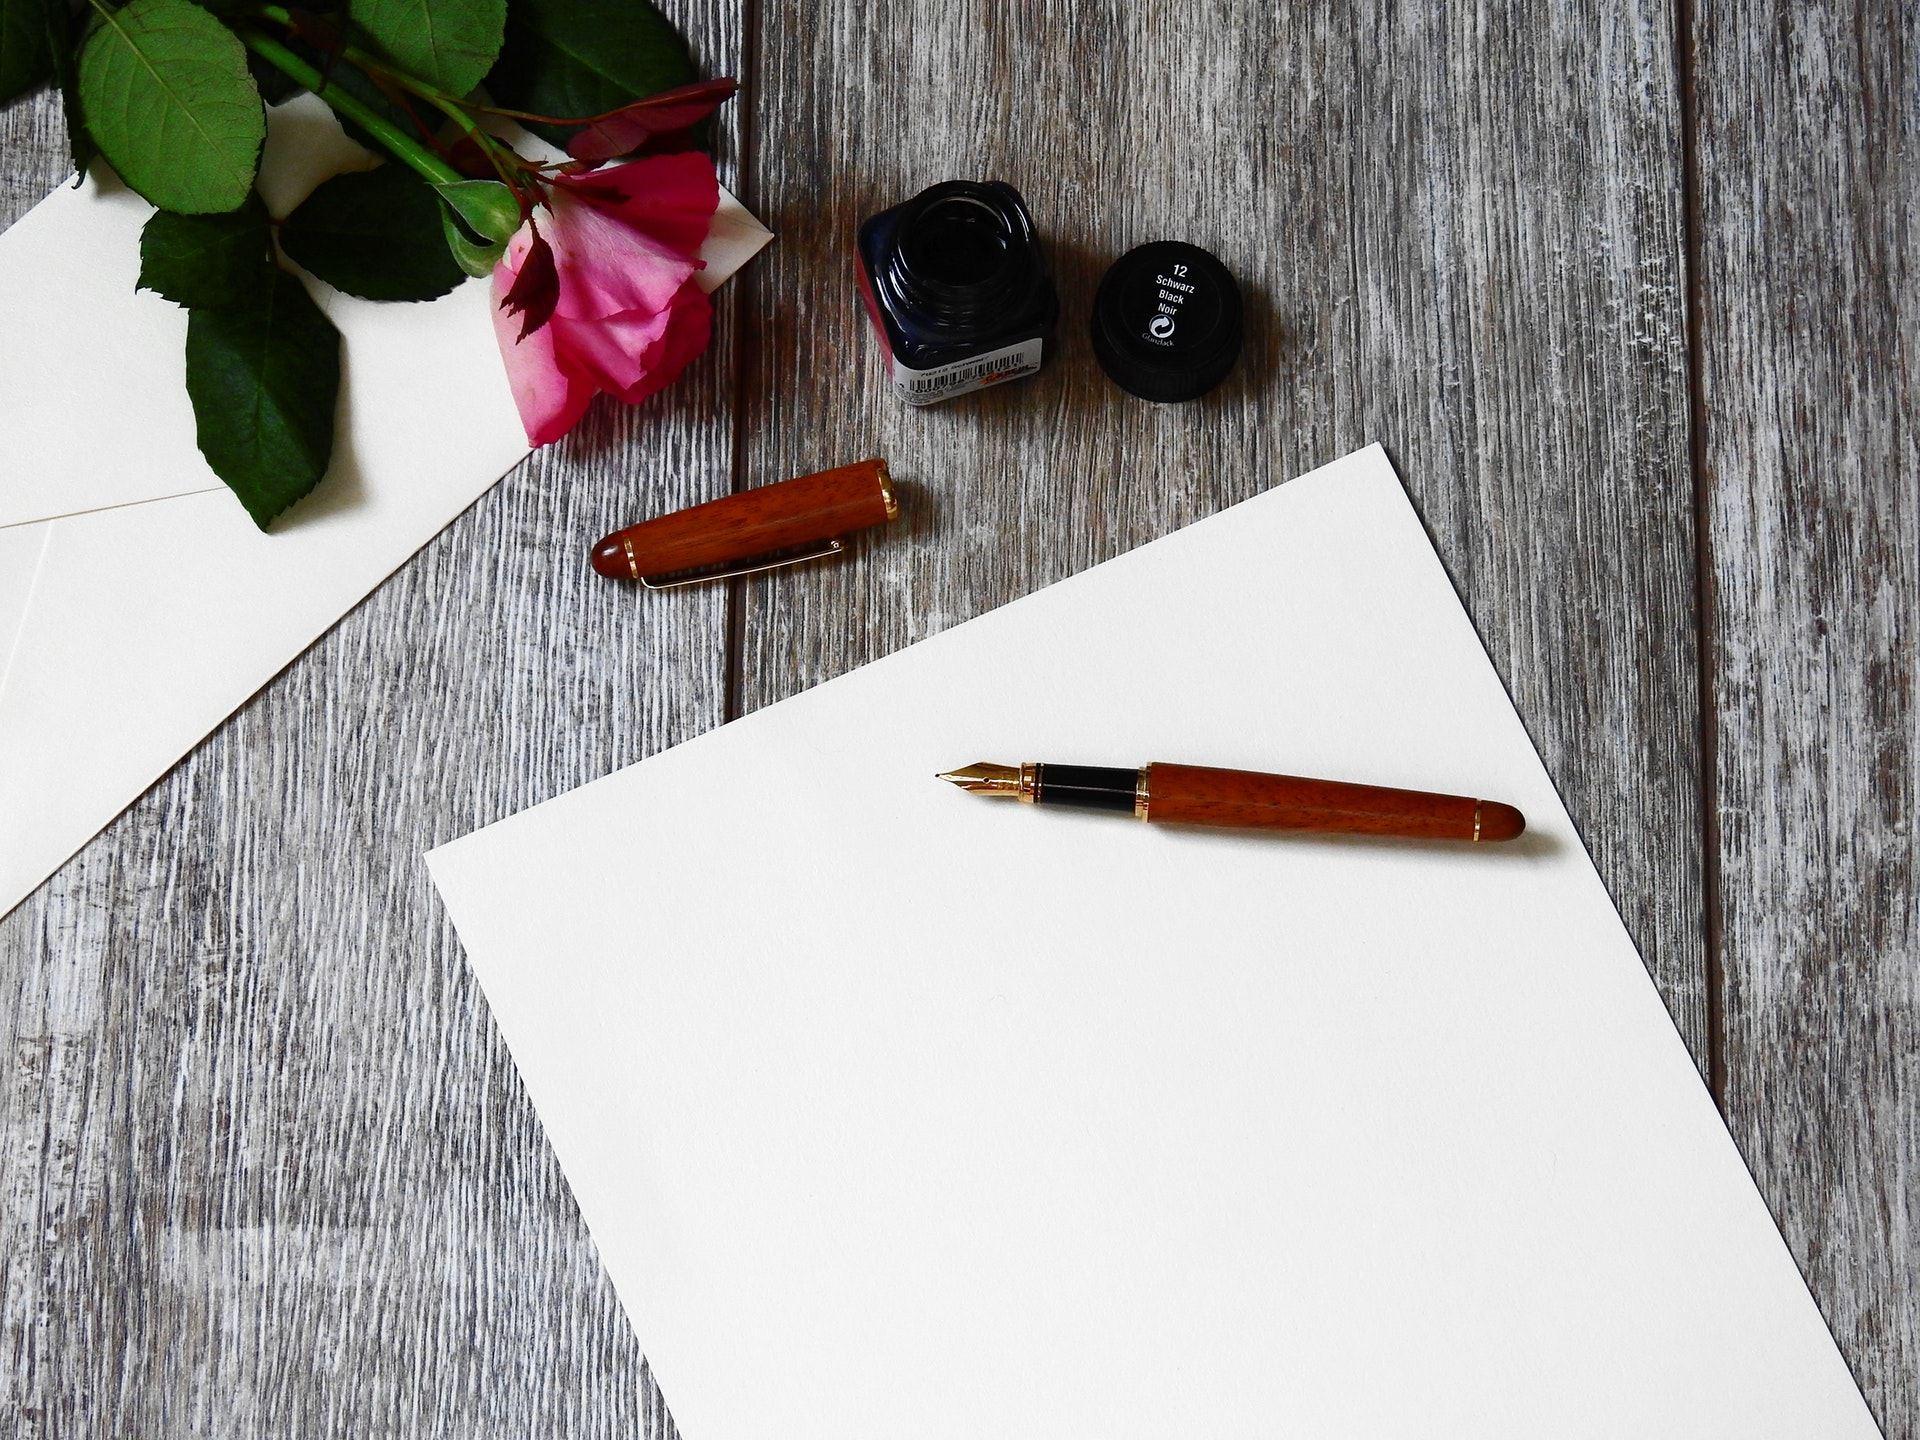 סדנת כתיבה יוצרת אימונית